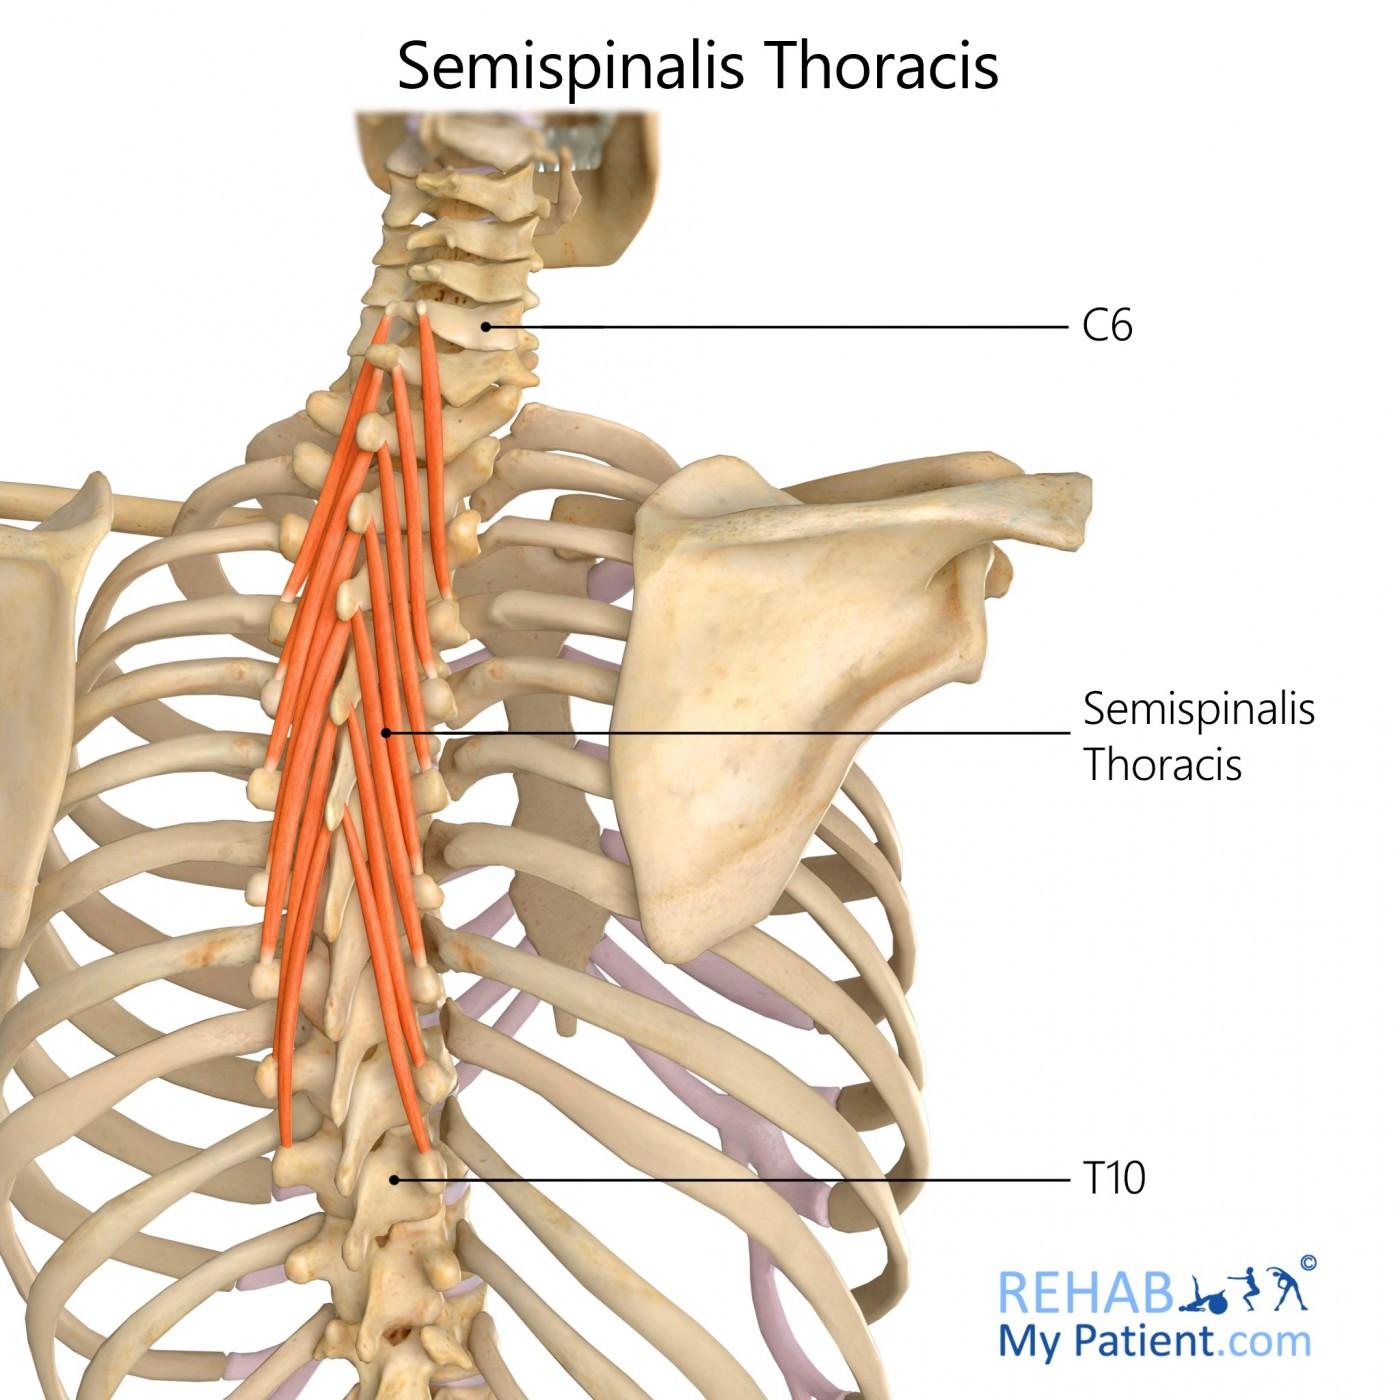 Semispinalis Thoracis